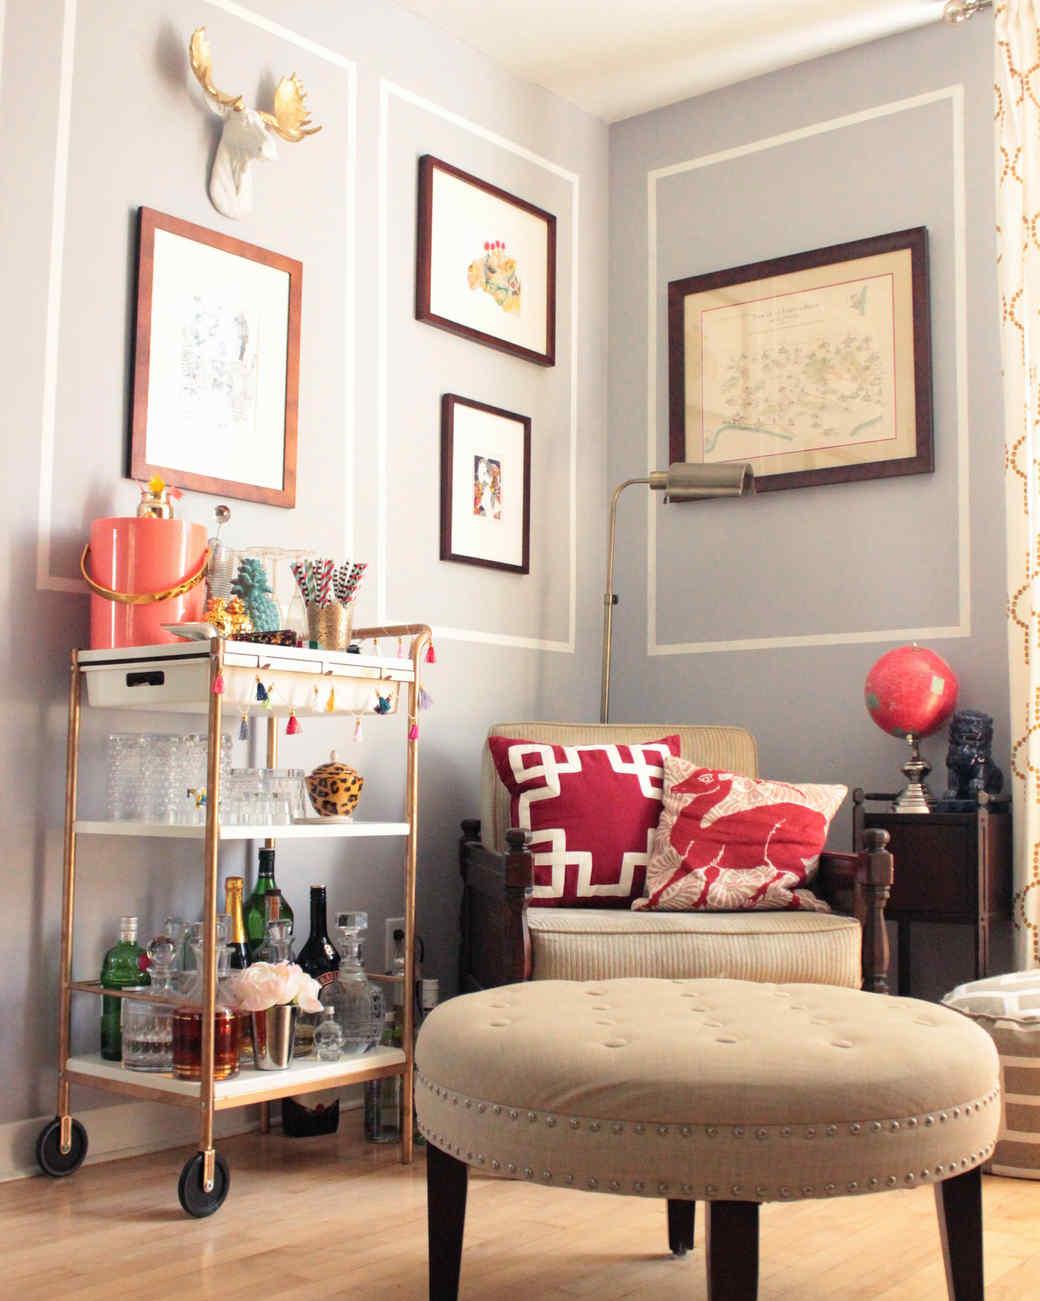 mshome-content-sittingroom4-beforeafter-0925.jpg